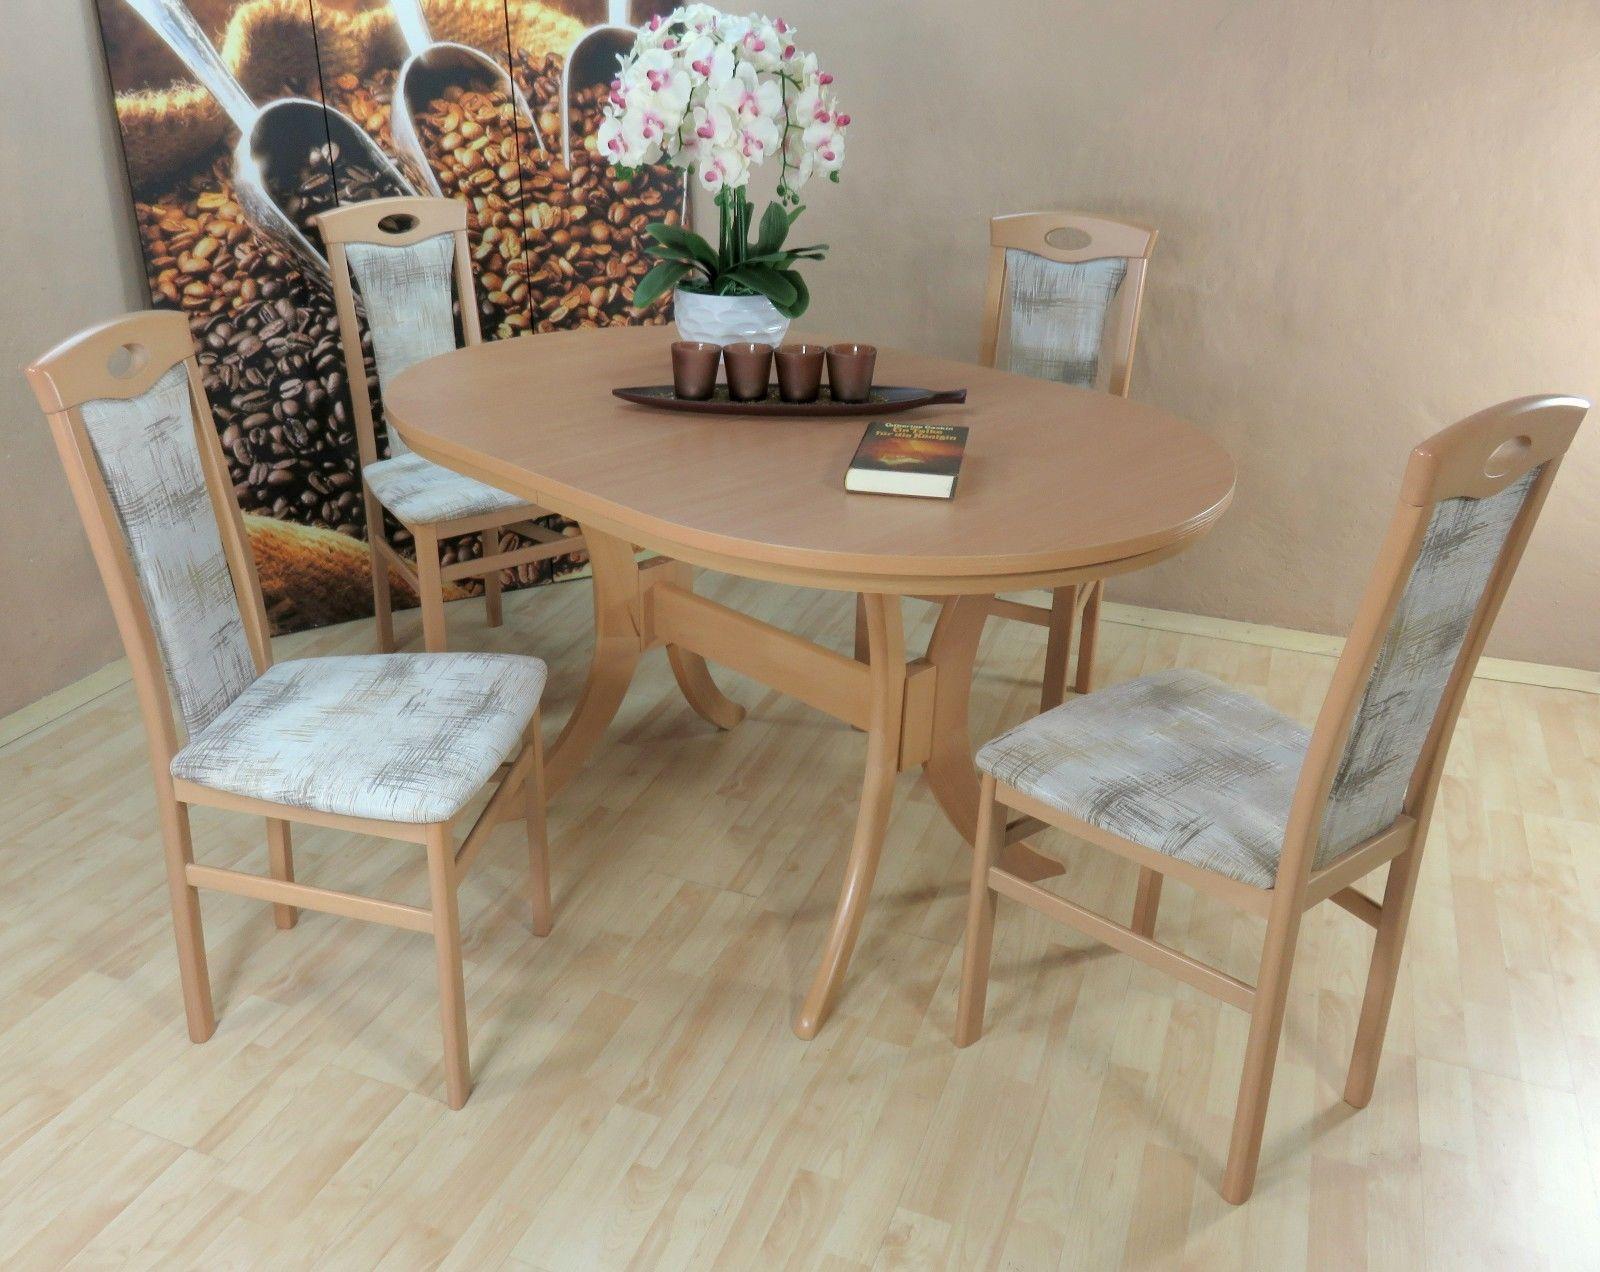 esstisch ausziehbar buche gnstig beautiful esstisch ausziehbar rund kchentisch tisch farbe. Black Bedroom Furniture Sets. Home Design Ideas